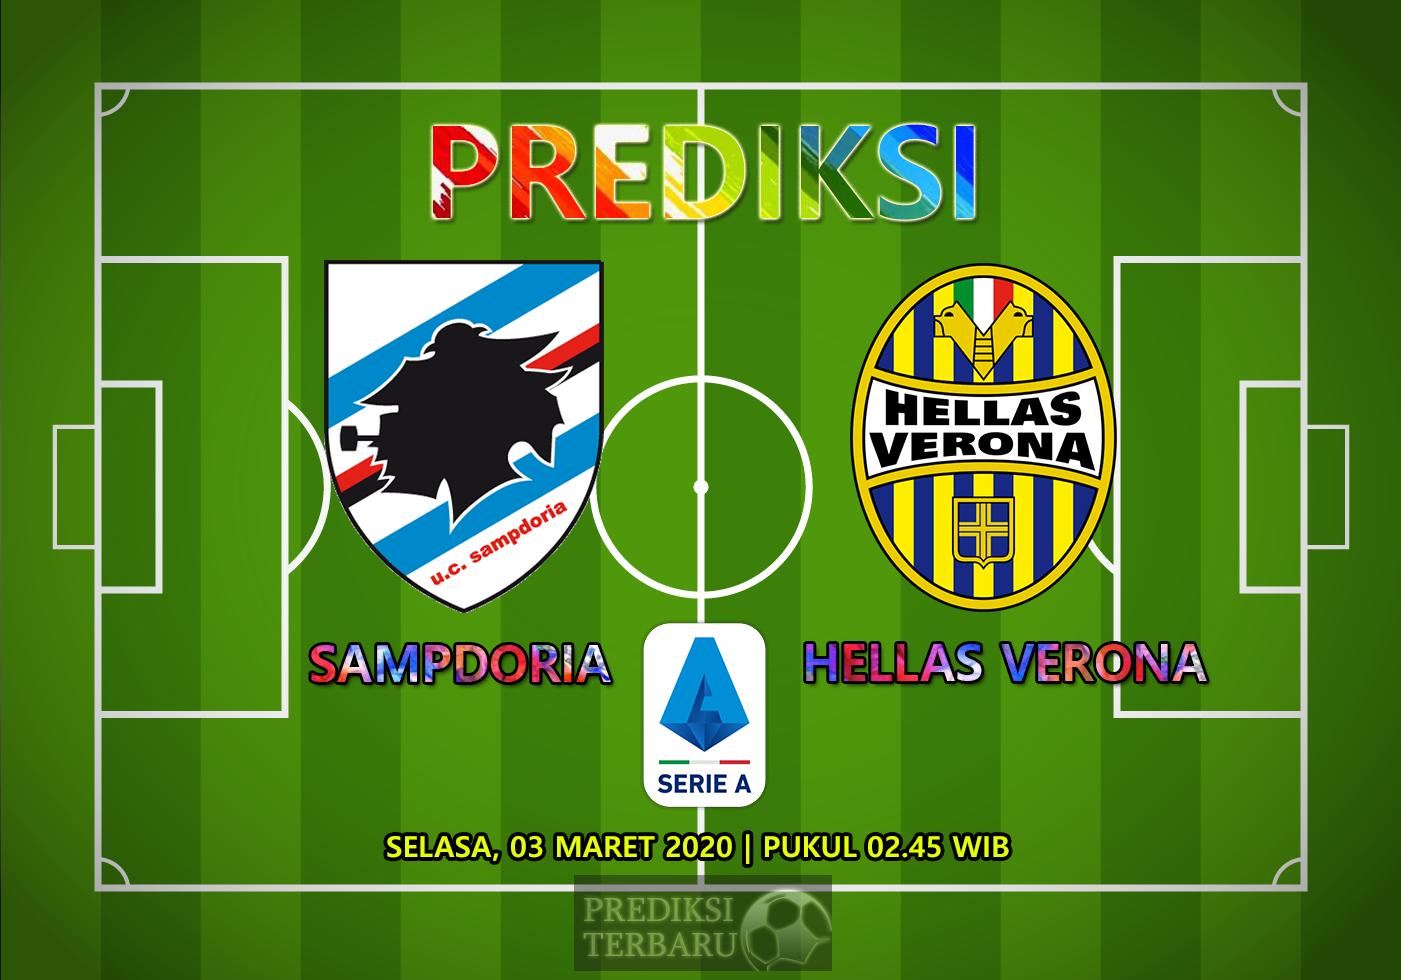 Prediksi Sampdoria Vs Hellas Verona Selasa 03 Maret